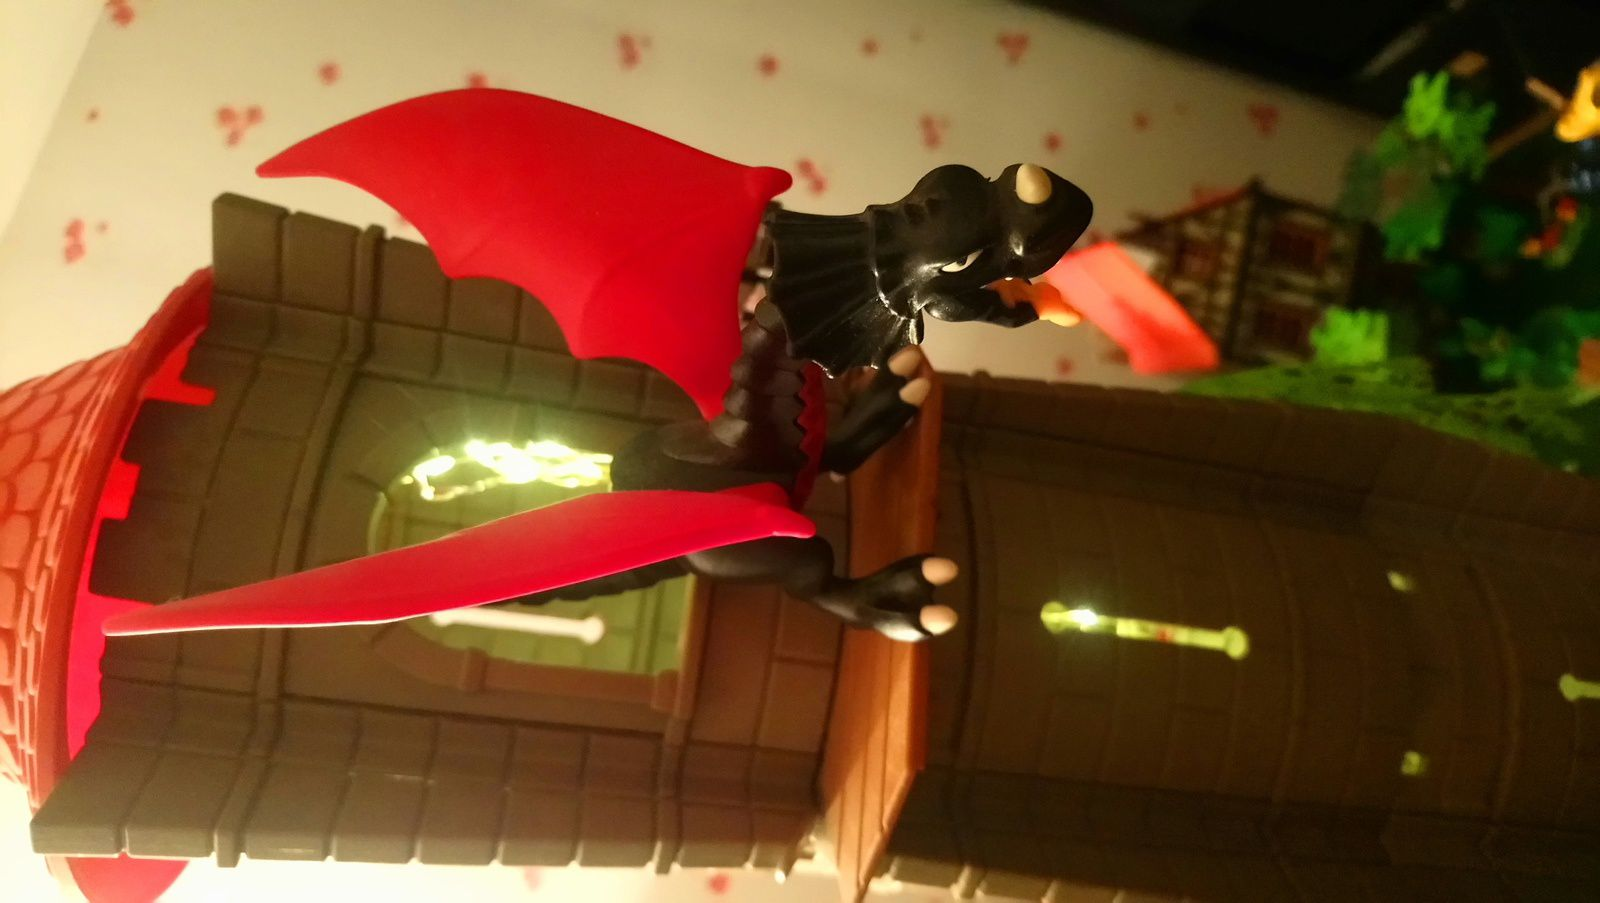 La princesse Kanji, retenue prisonnière par le maléfique dragon Mérull au sommet d'une vieille tour, appelle au secours pour qu'on vienne la délivrer.